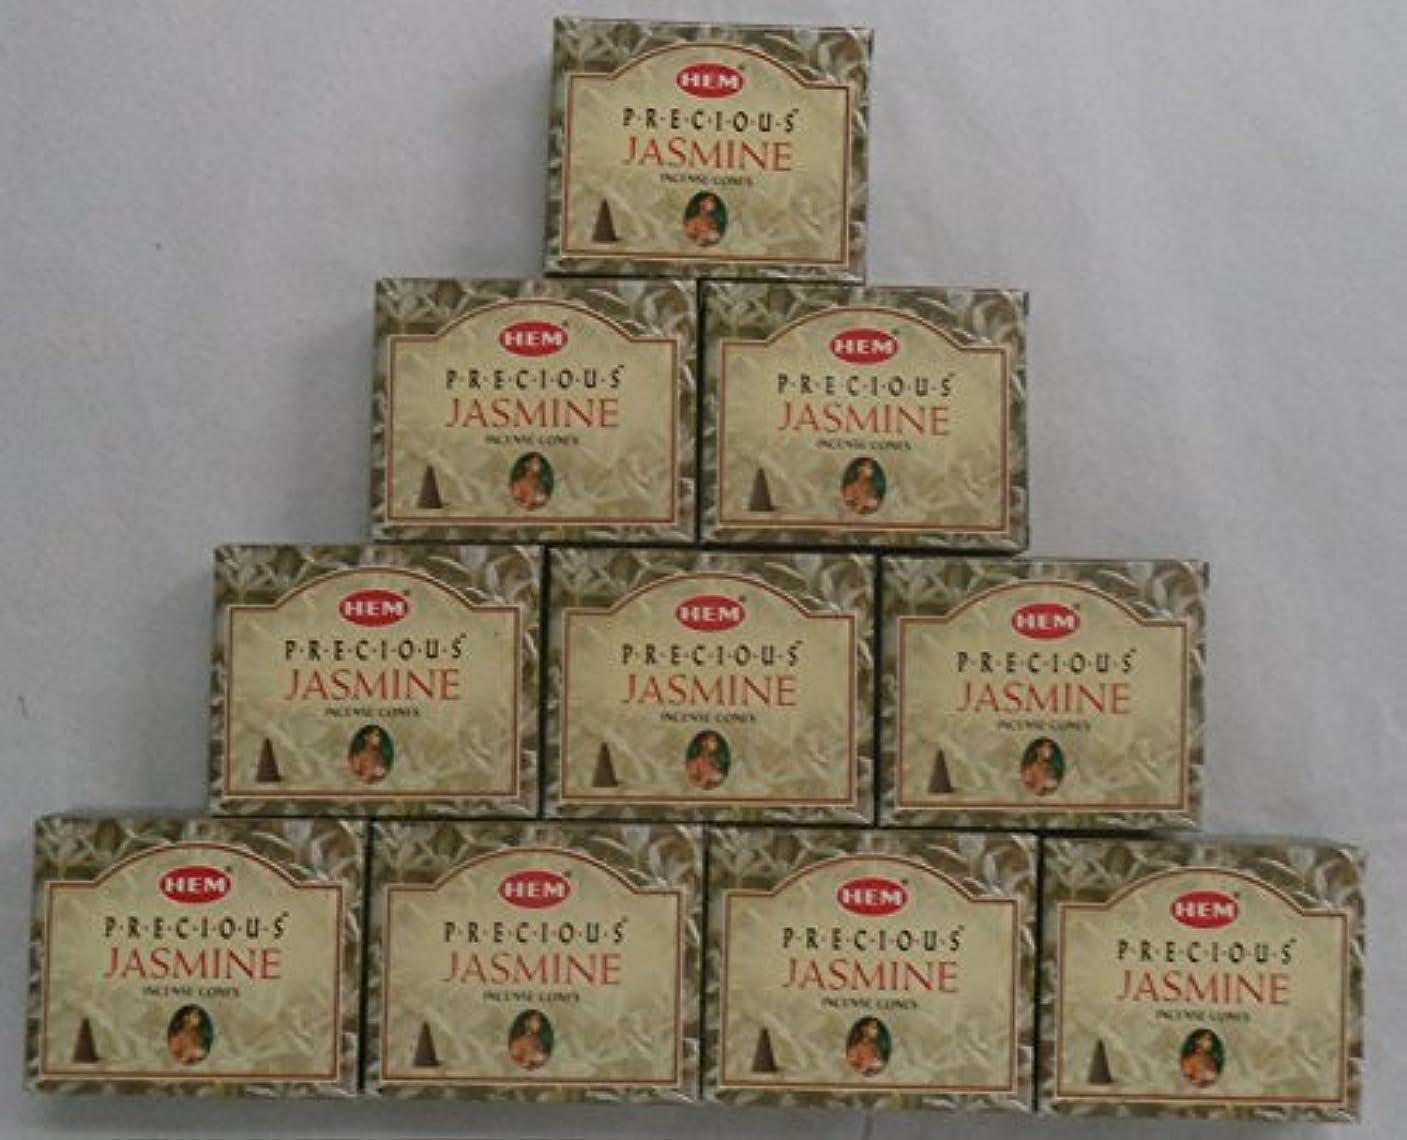 緯度ラフレシアアルノルディ大きいHEM Incense Cones: Precious Jasmine - 10 Packs of 10 = 100 Cones by Hem